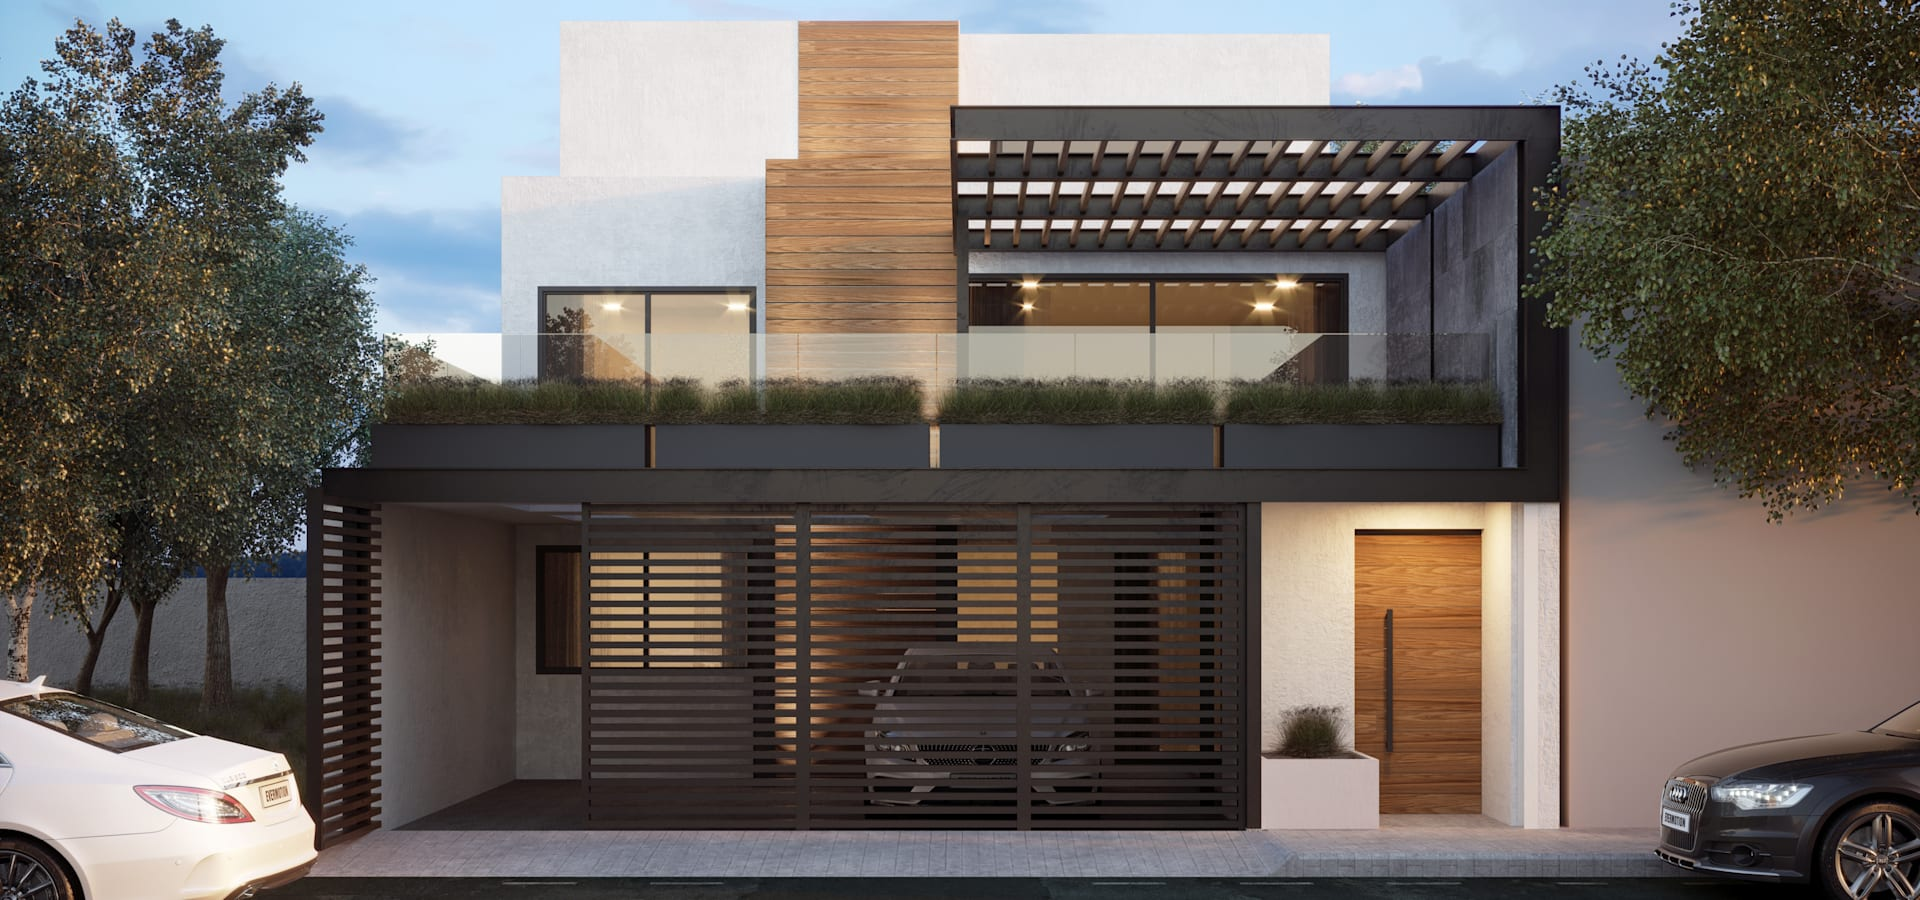 4 + Arquitectura